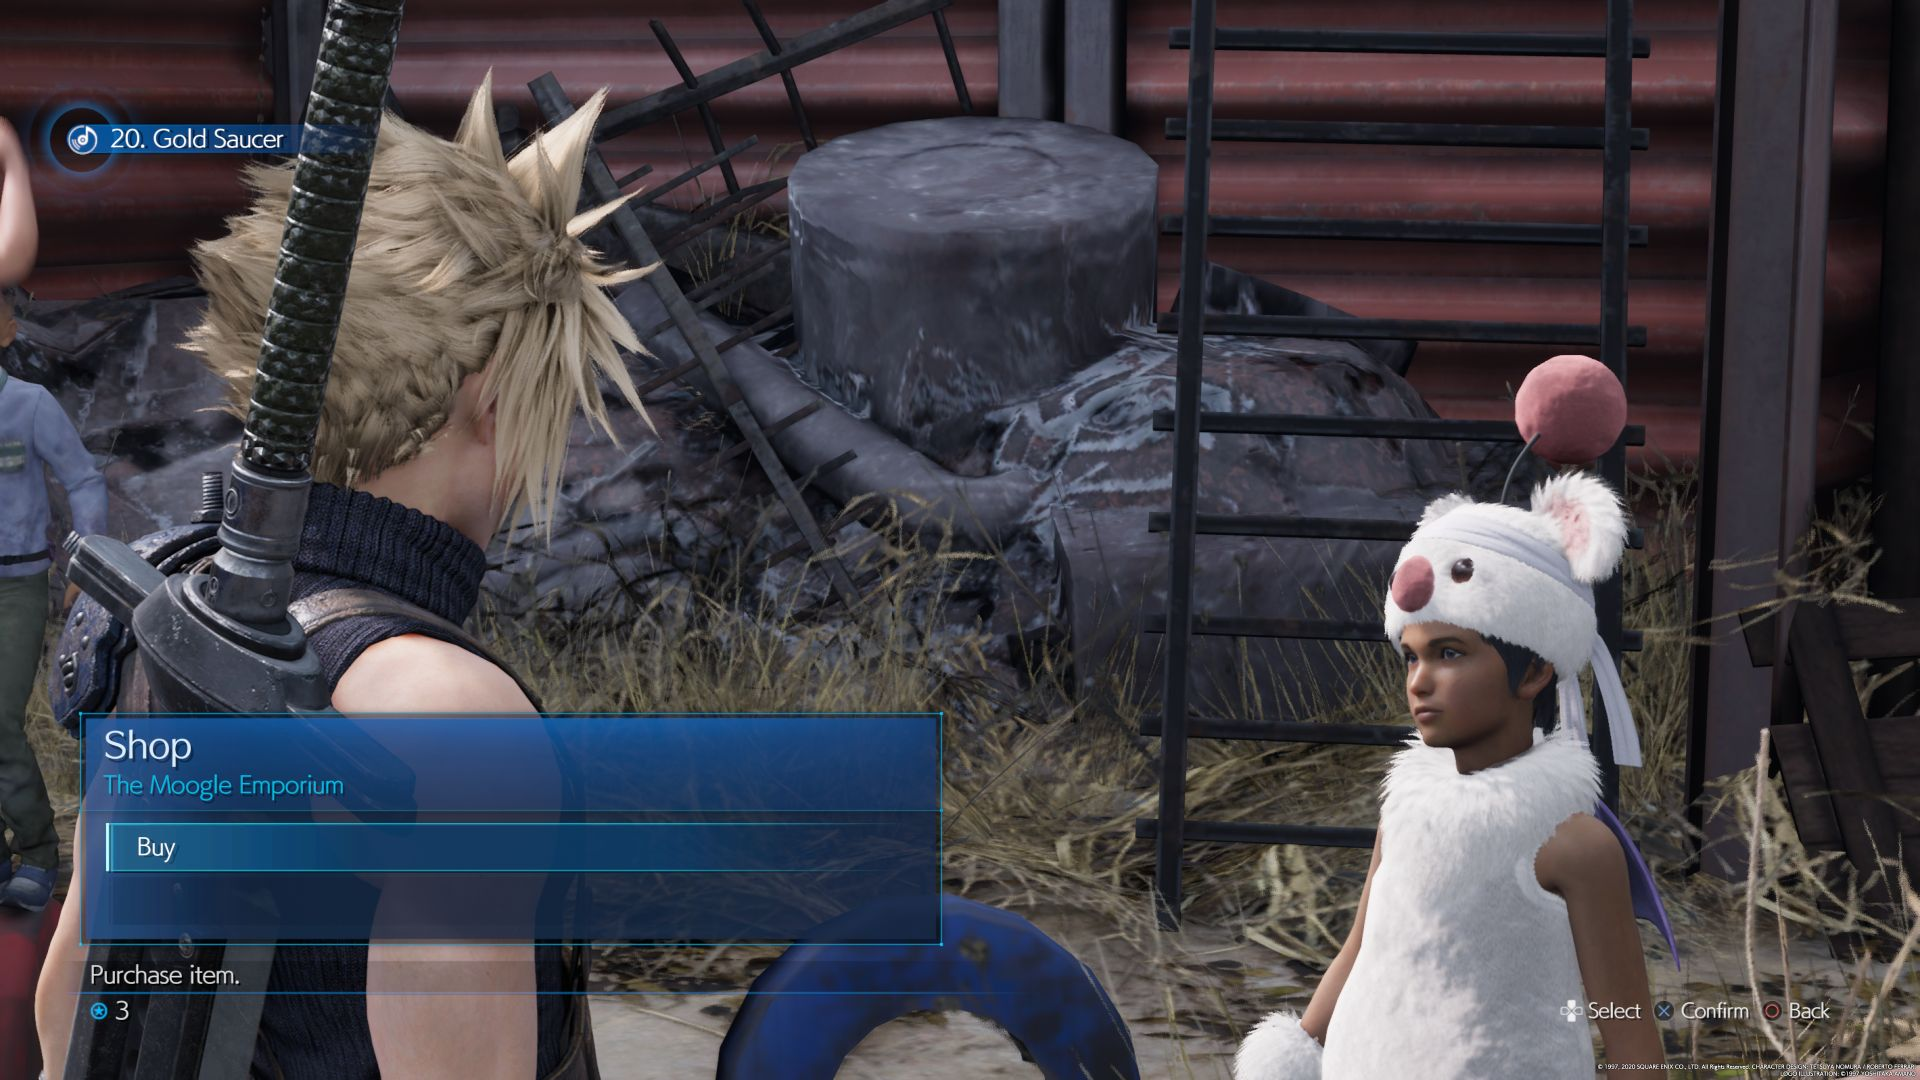 Final Fantasy 7 Remake - Moogle Emporium